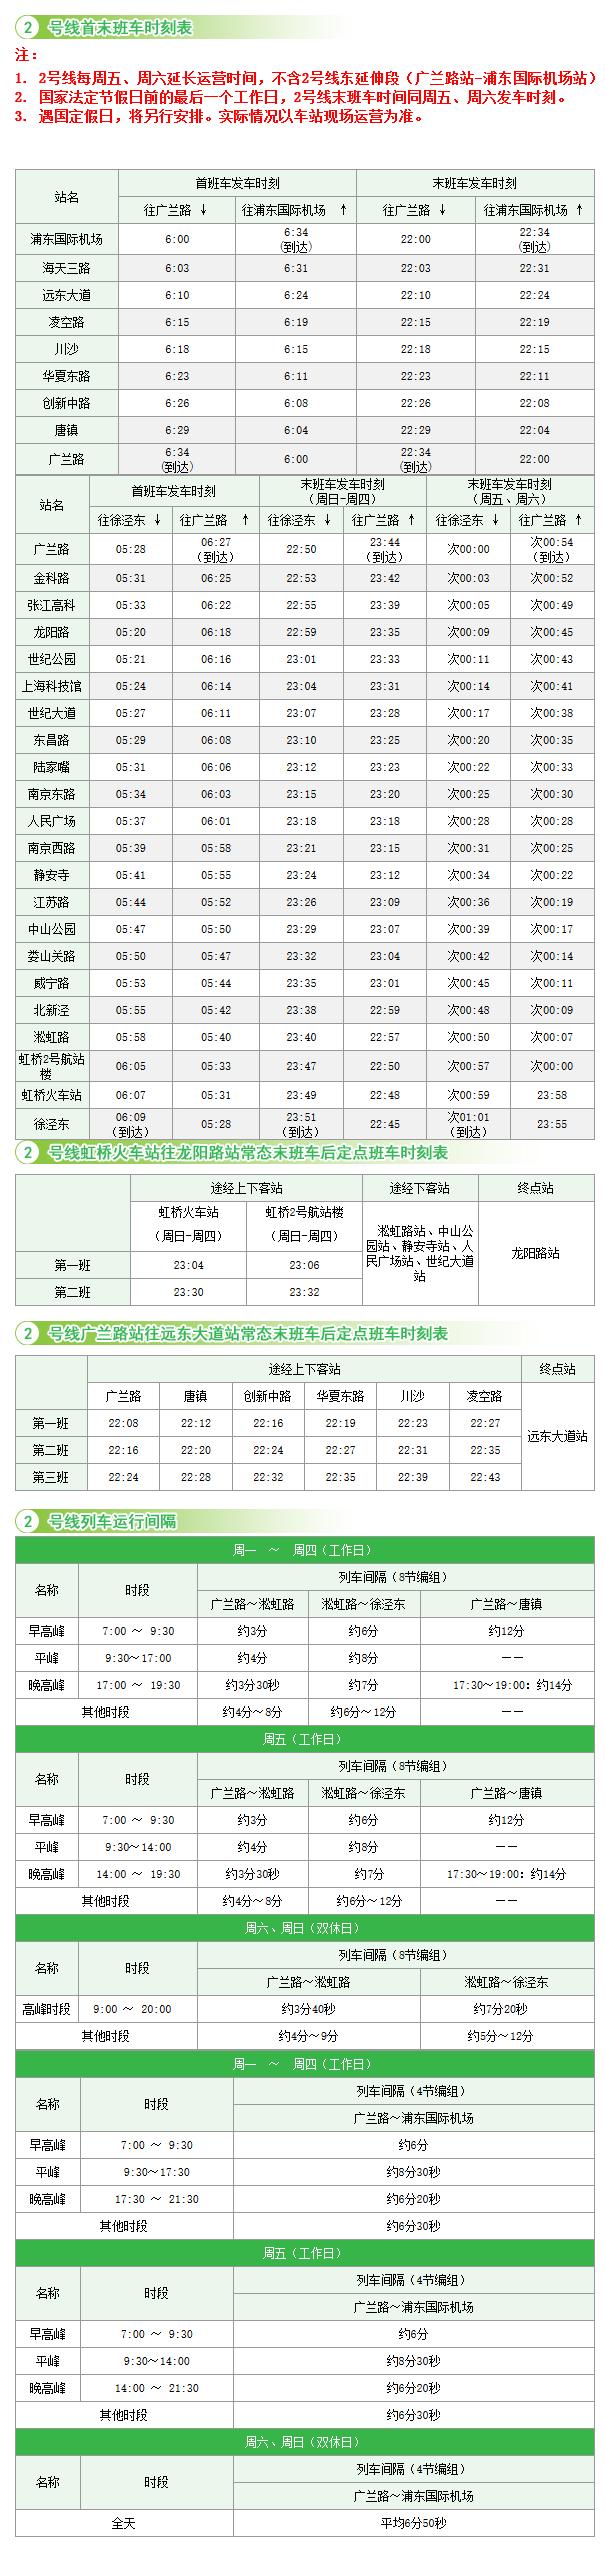 上海地铁二号线时刻_最新上海地铁2号线首末车时刻表一览- 上海本地宝